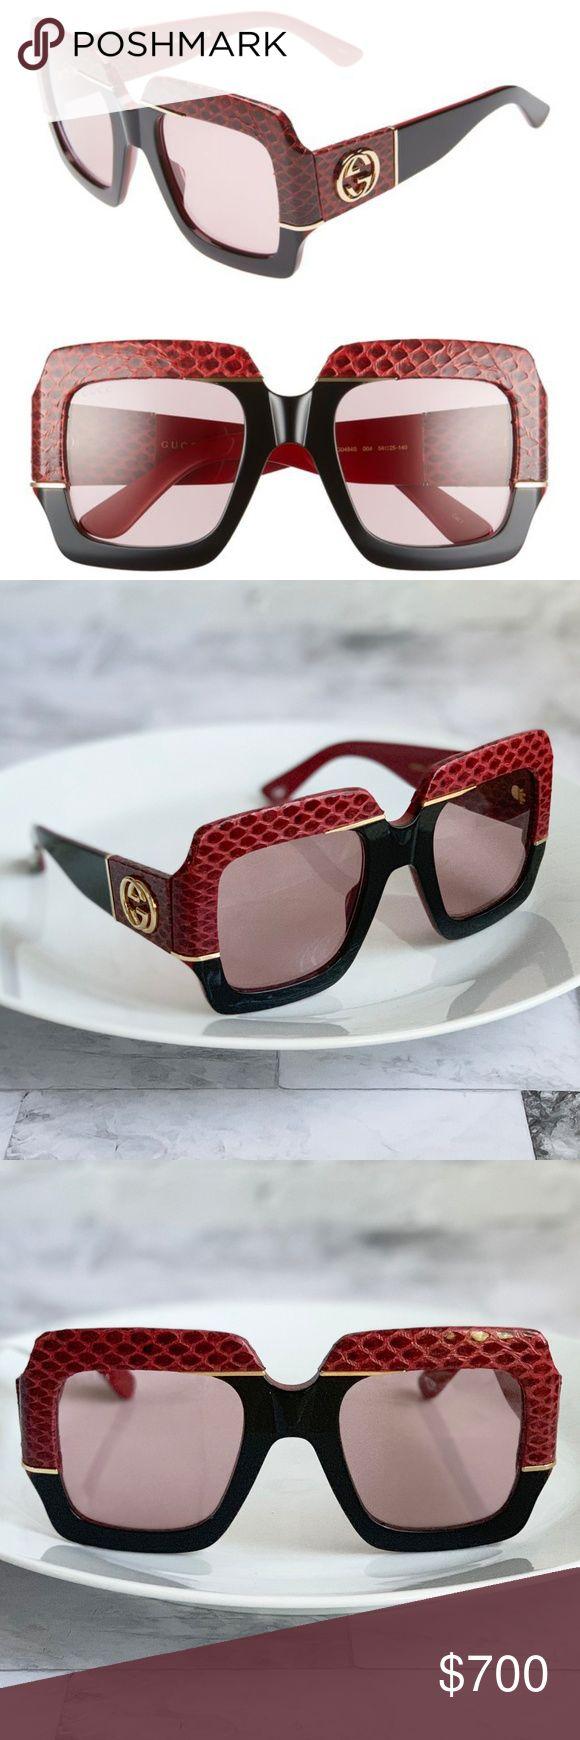 Novos GUCCI 54mm Genuine Snakeskin Square Sunglasses Novos em folha. Nunca usado. Estilo…   – My Posh Picks